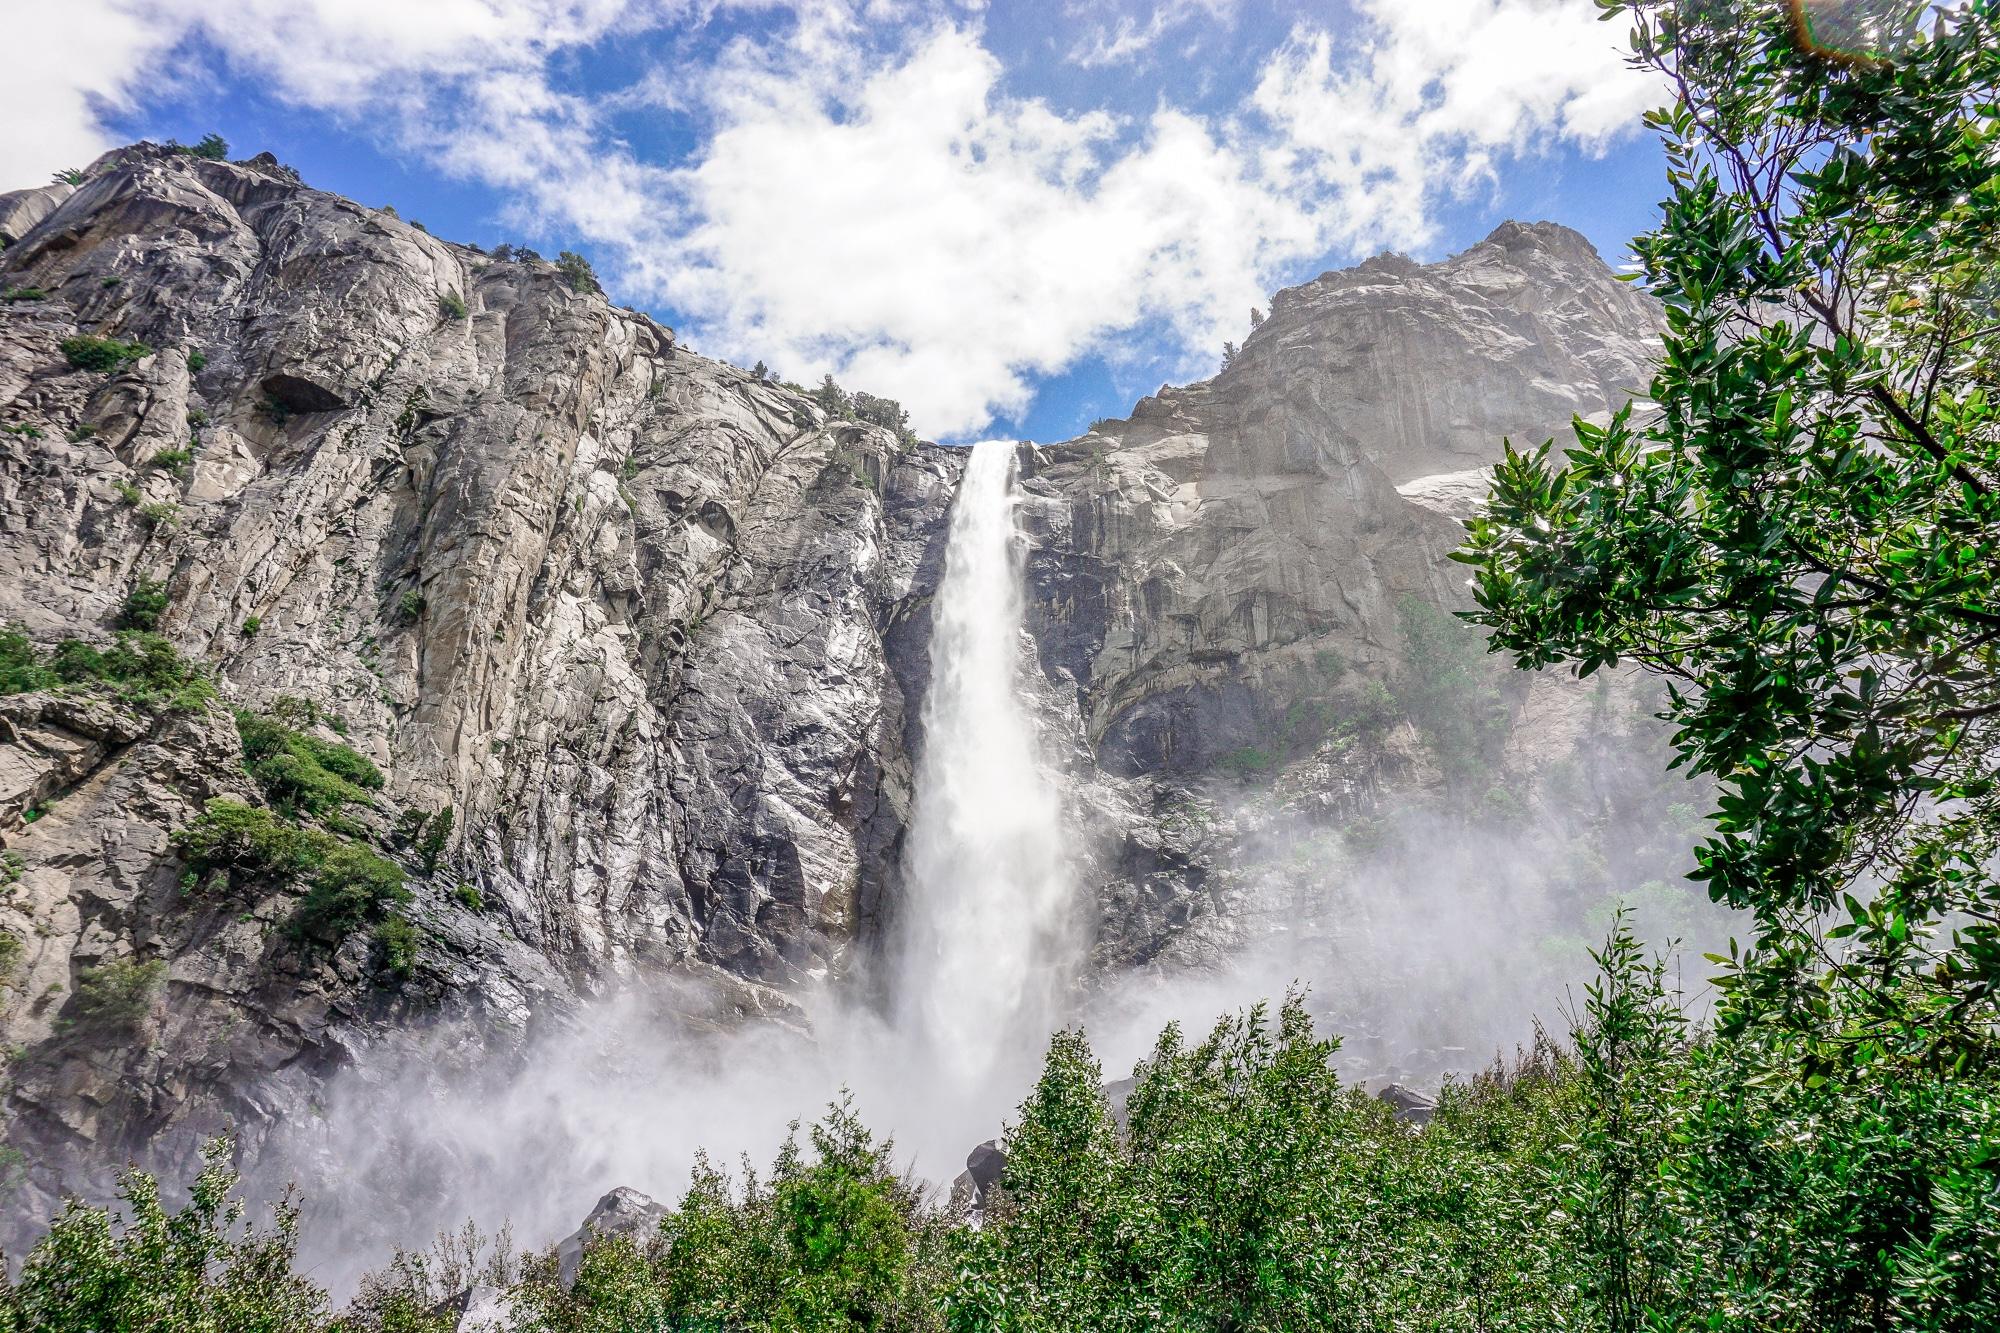 Von San Francisco zum Yosemite Nationalpark - Tagesausflug